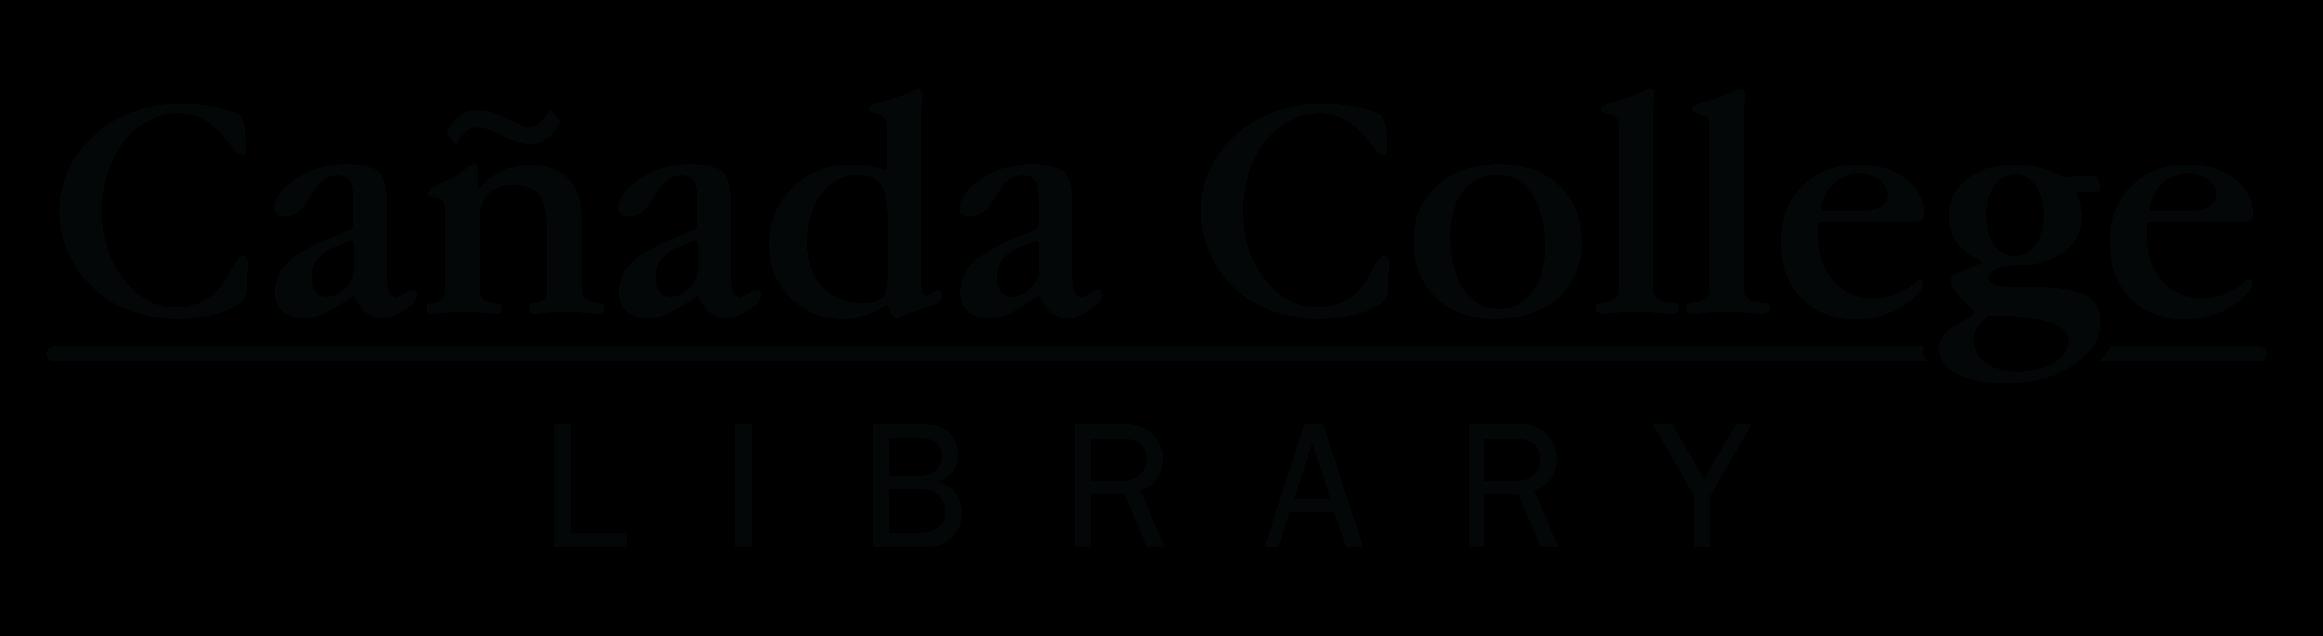 Cañada College Library logo